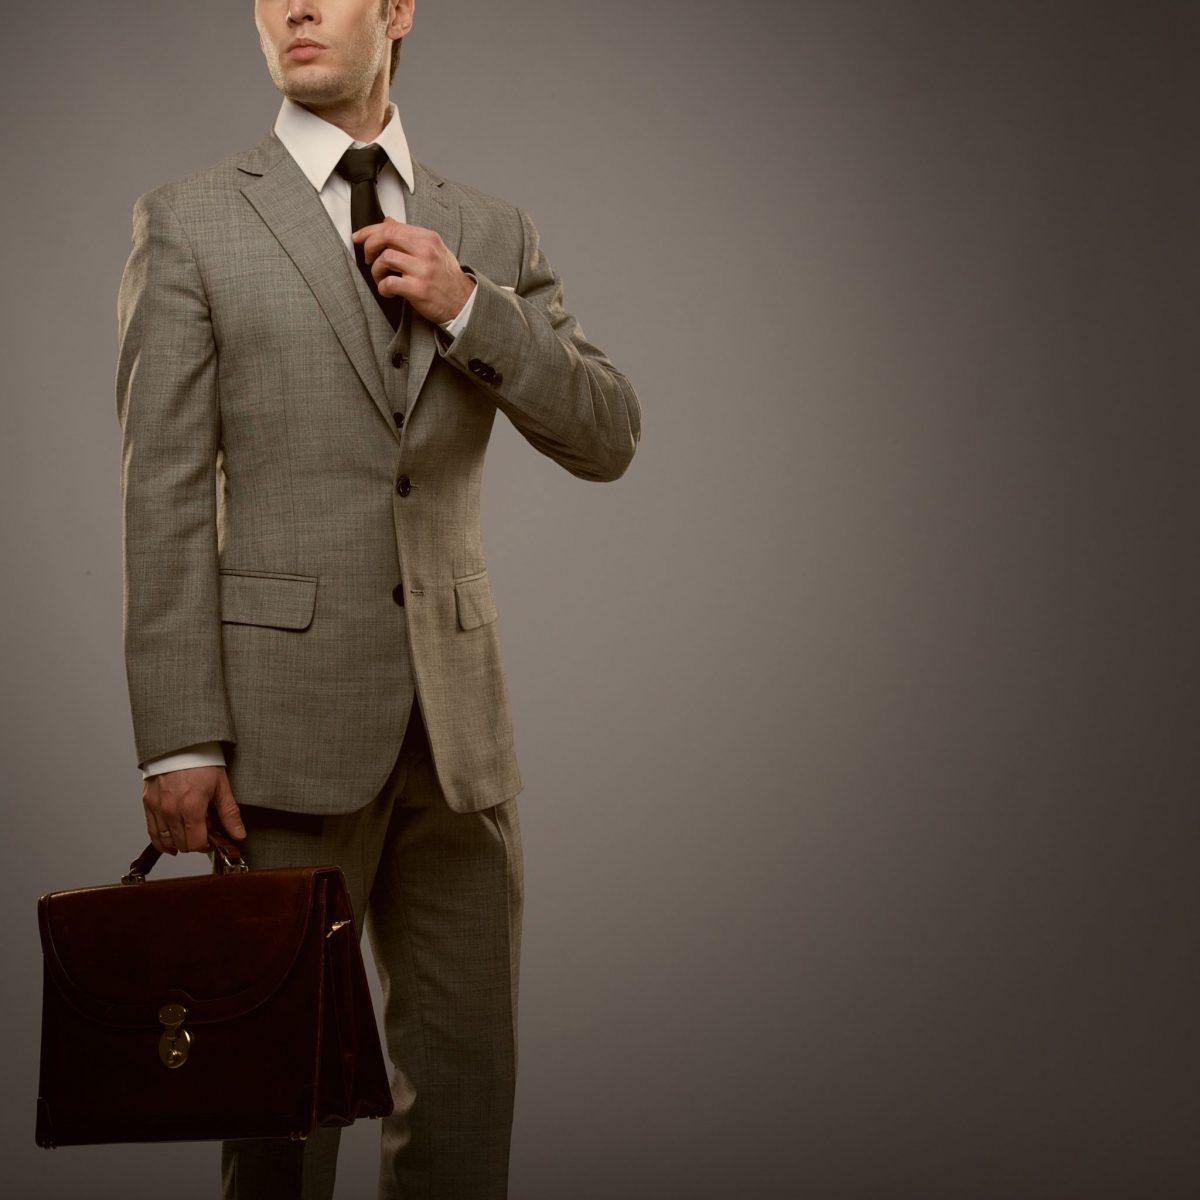 ビジネスで使えるメンズバッグはこれだ!【お勧めブランド7選】